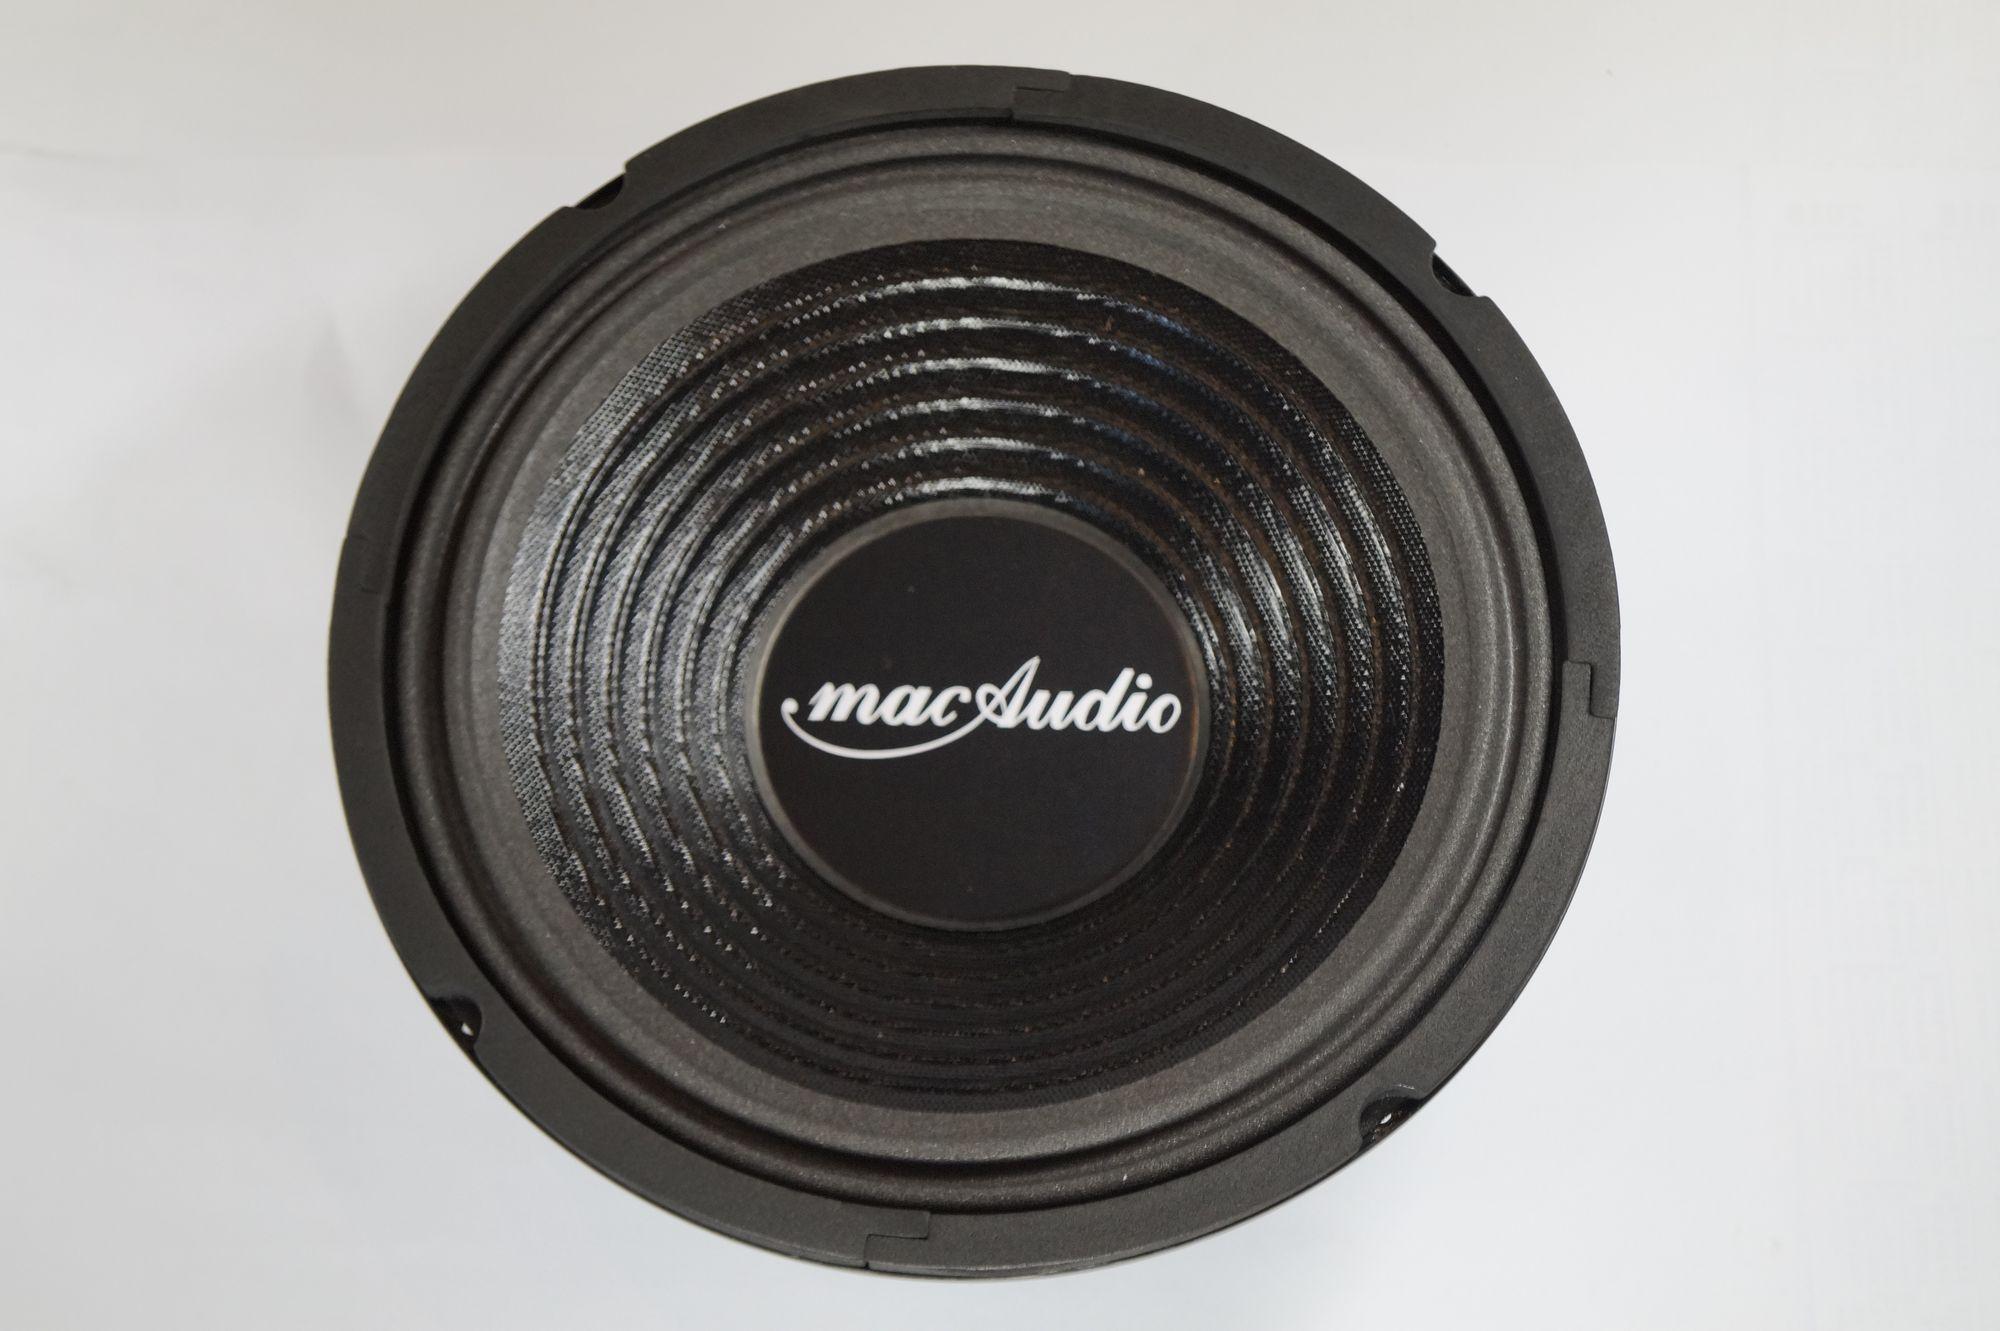 Mac Audio Quattro 25,25 cm Subwoofer,Basslautsprecher,Tieftöner – Bild 1